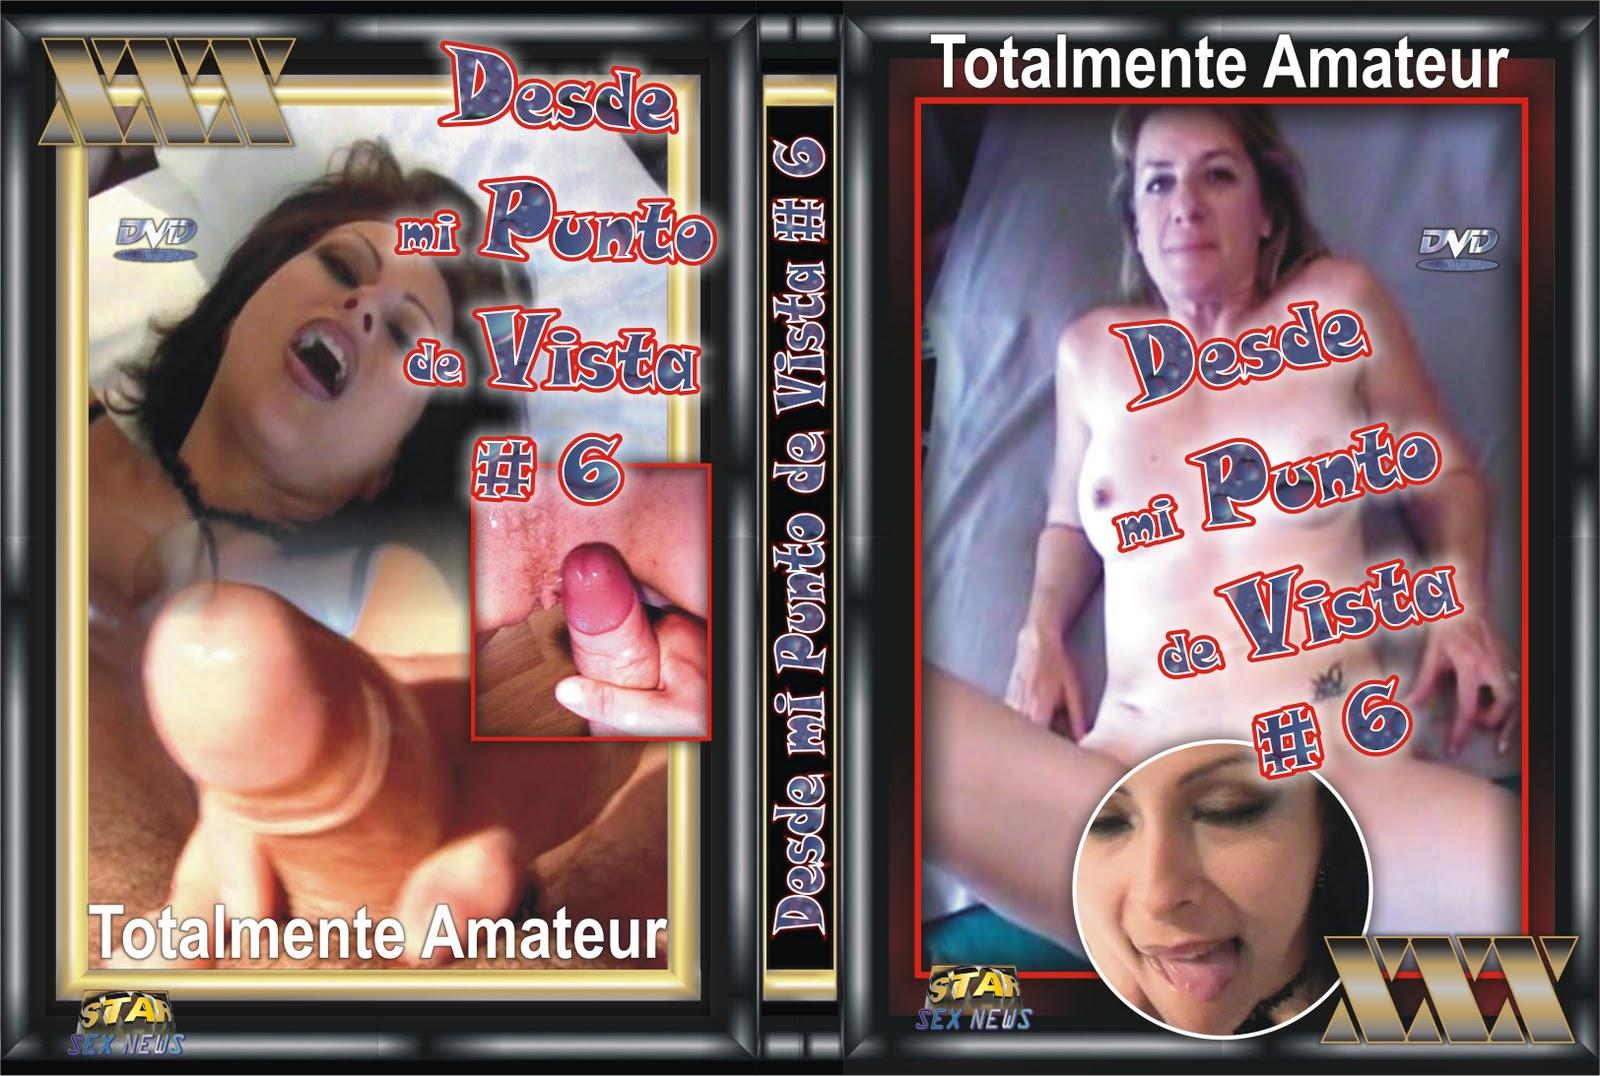 Vídeo Punto de vista Amateur Porno suave - Mira y